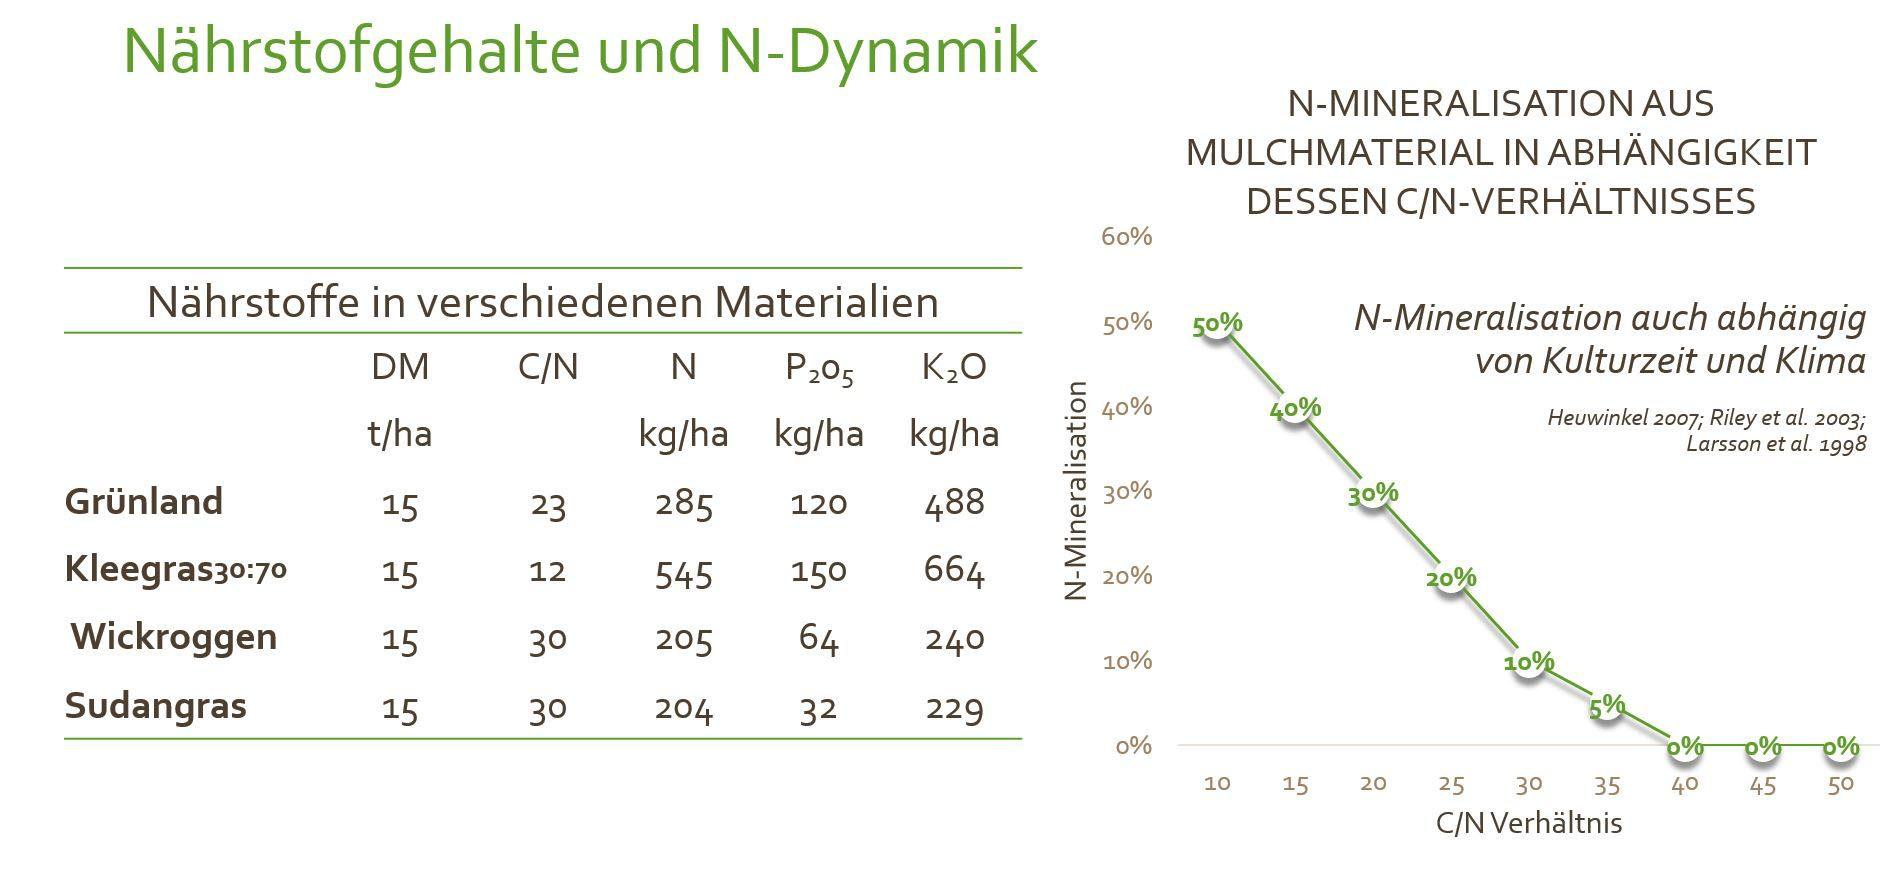 Diagramm über die Nährstoffgehalte und die N-Dynamik